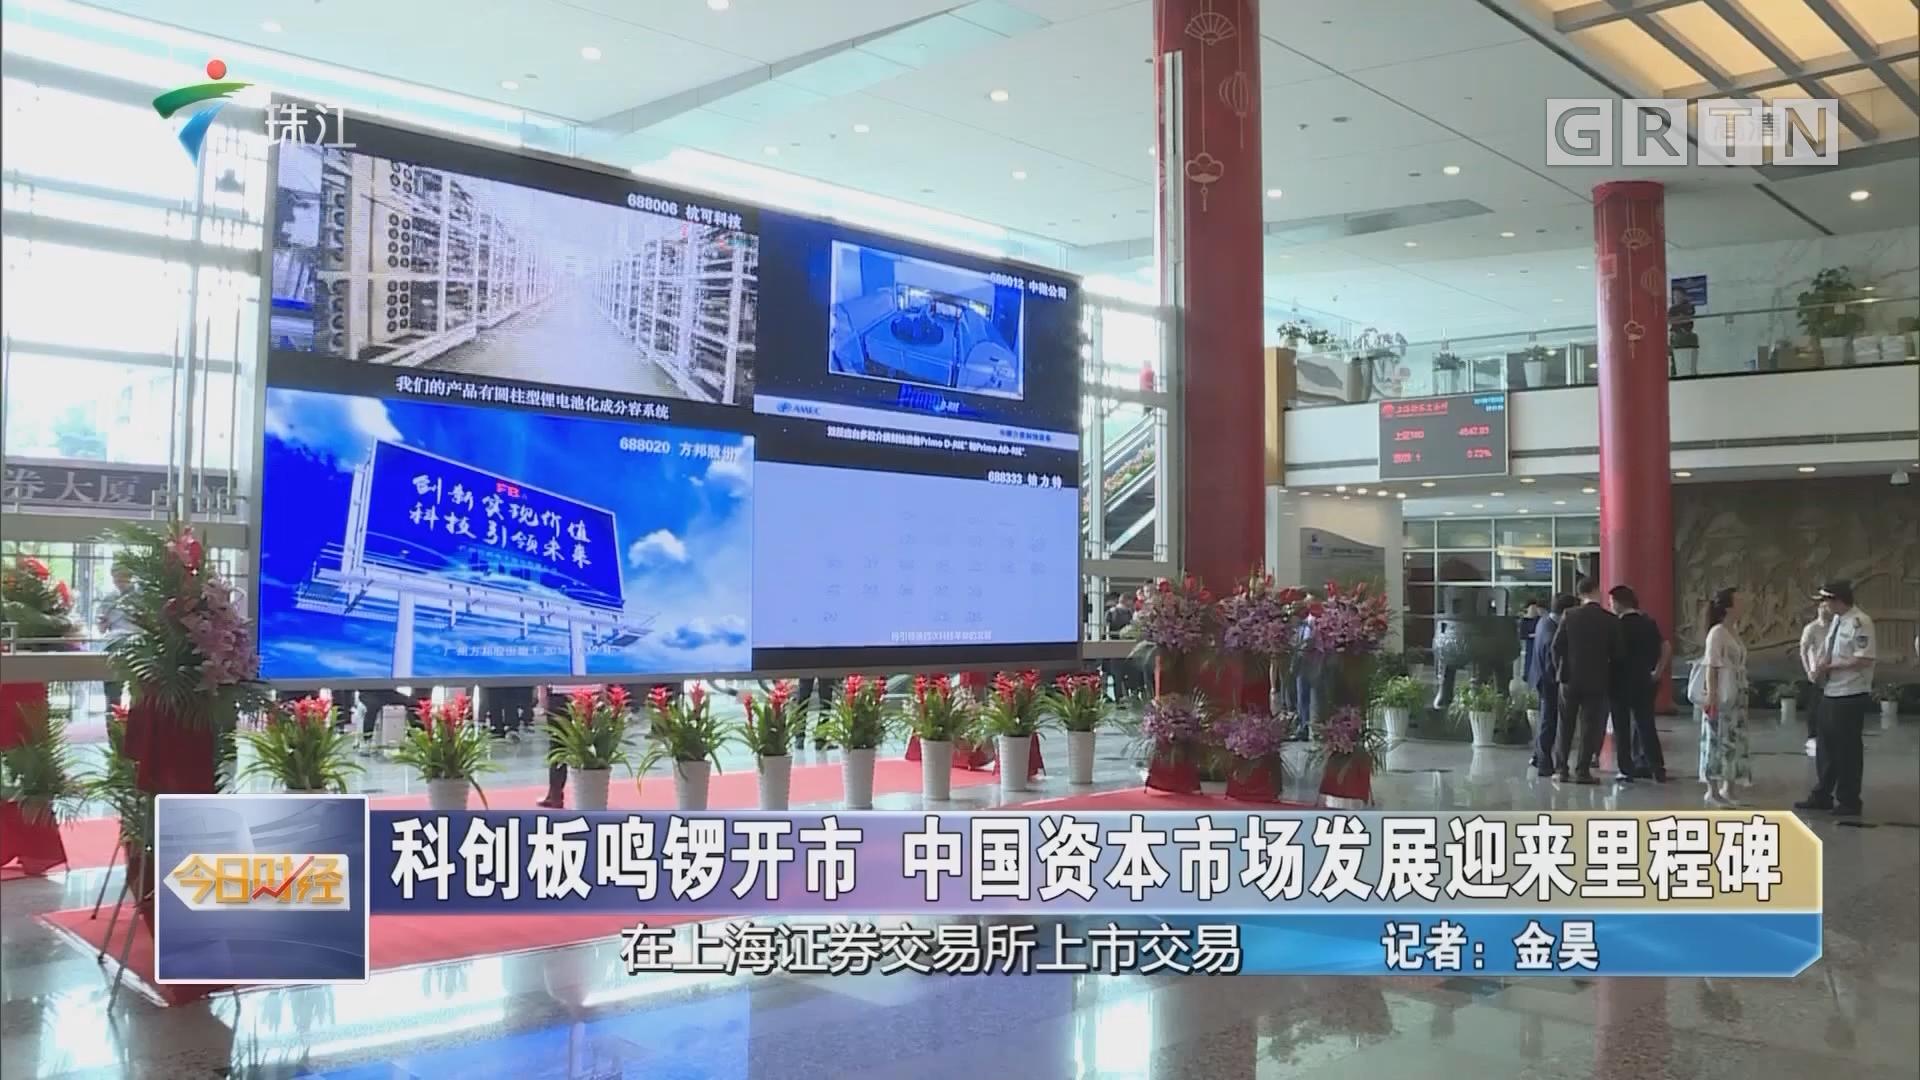 科创板鸣锣开市 中国资本市场发展迎来里程碑